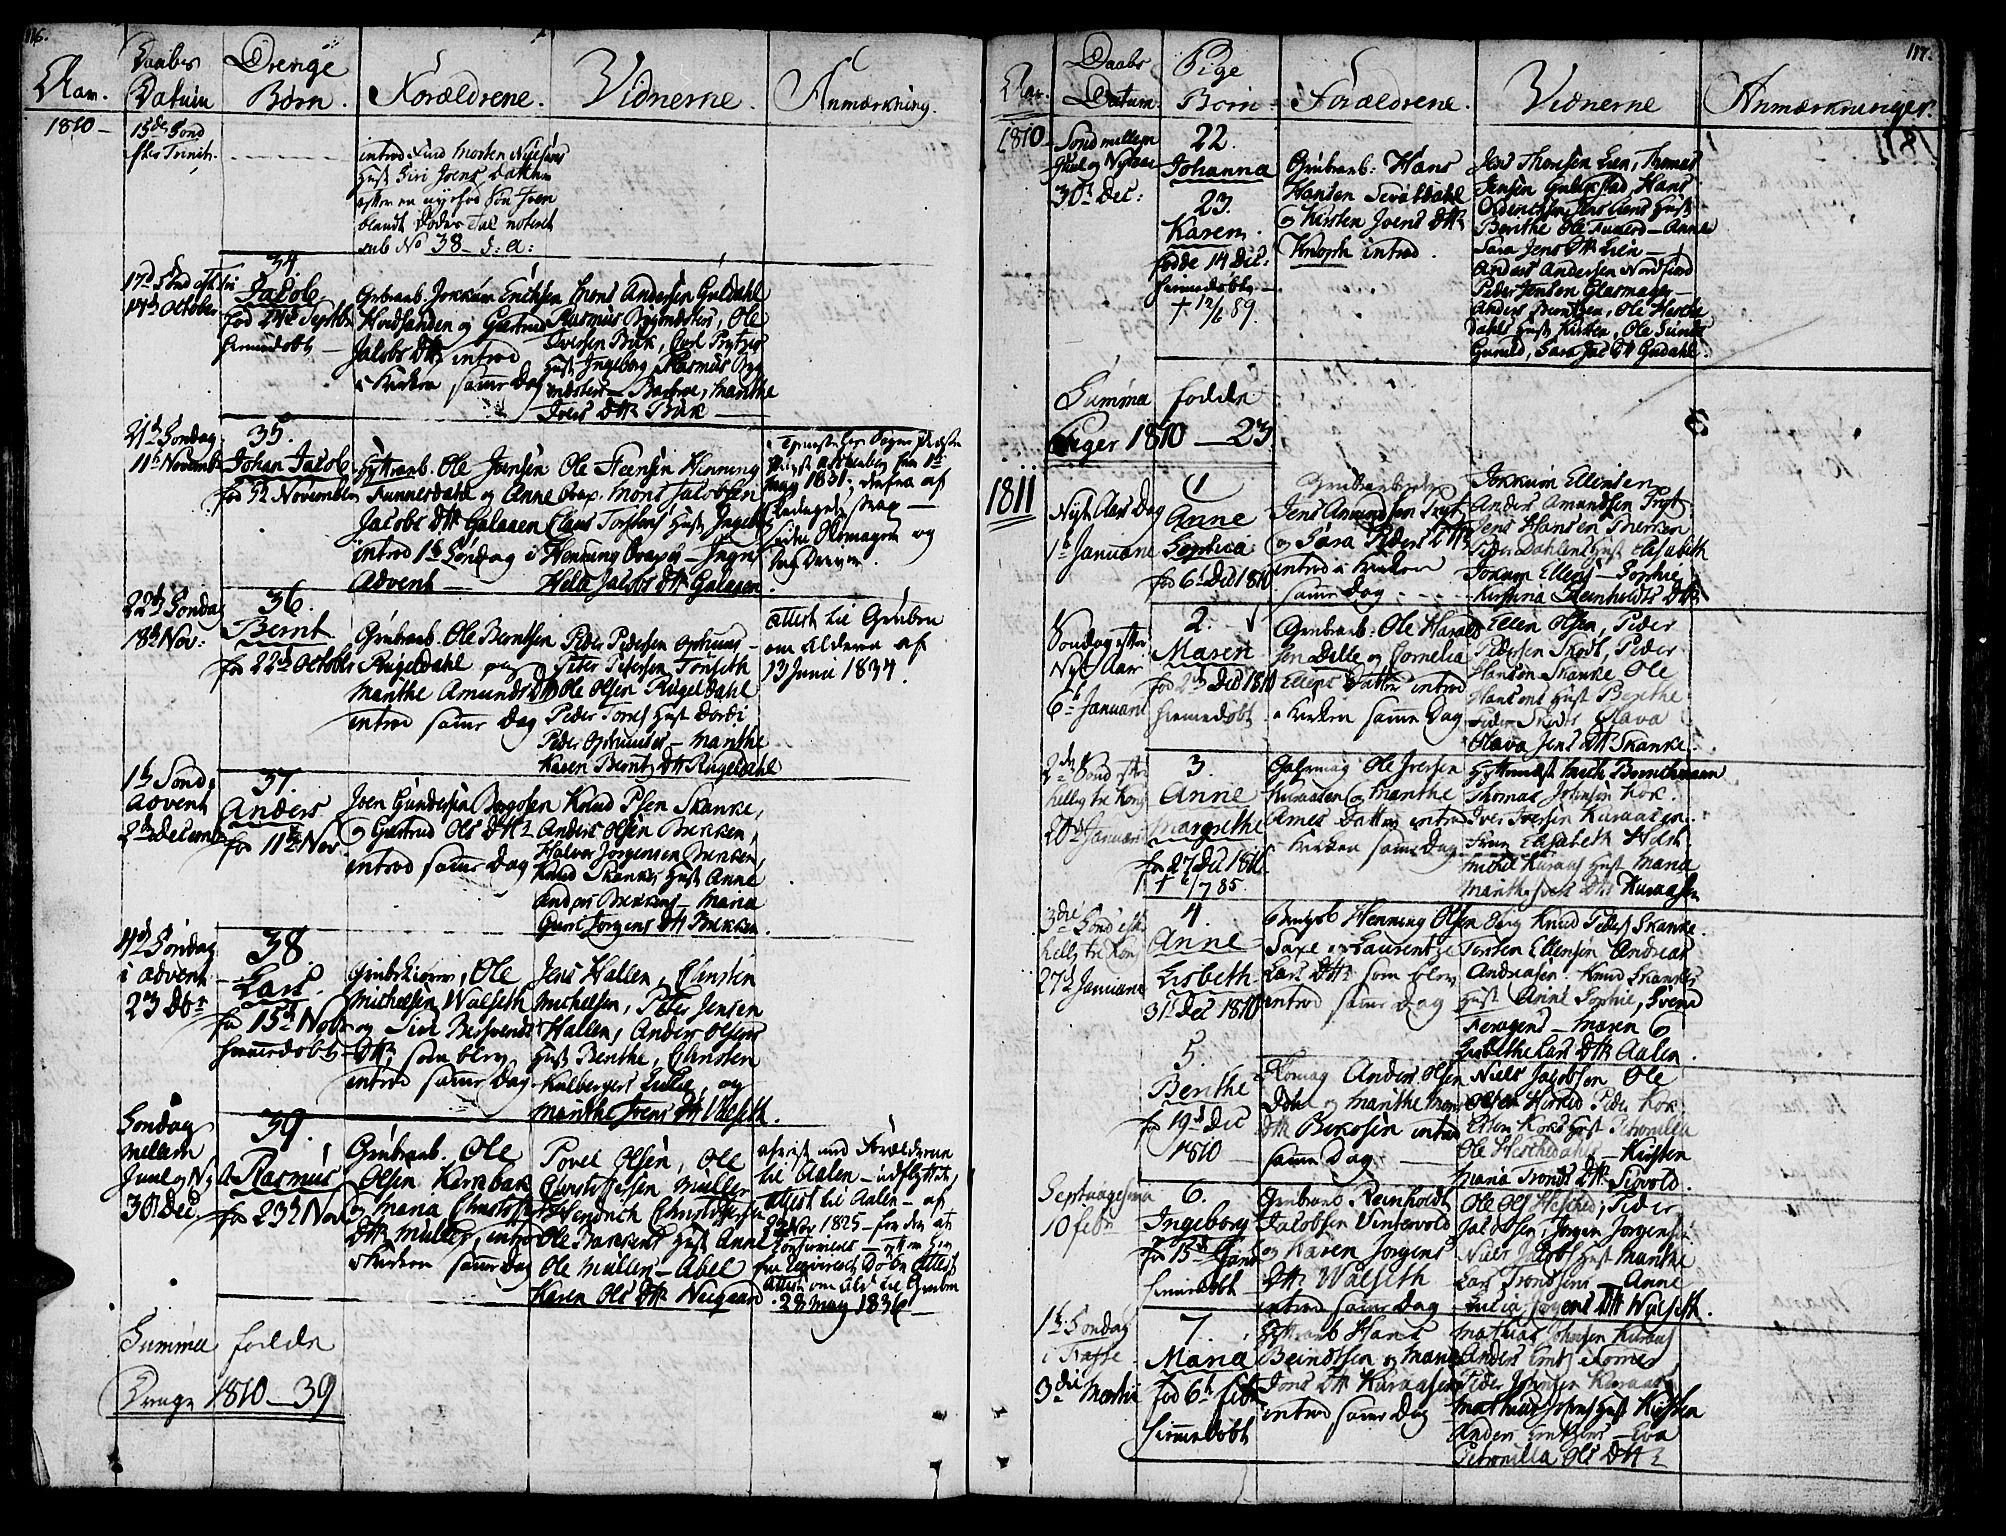 SAT, Ministerialprotokoller, klokkerbøker og fødselsregistre - Sør-Trøndelag, 681/L0928: Ministerialbok nr. 681A06, 1806-1816, s. 116-117